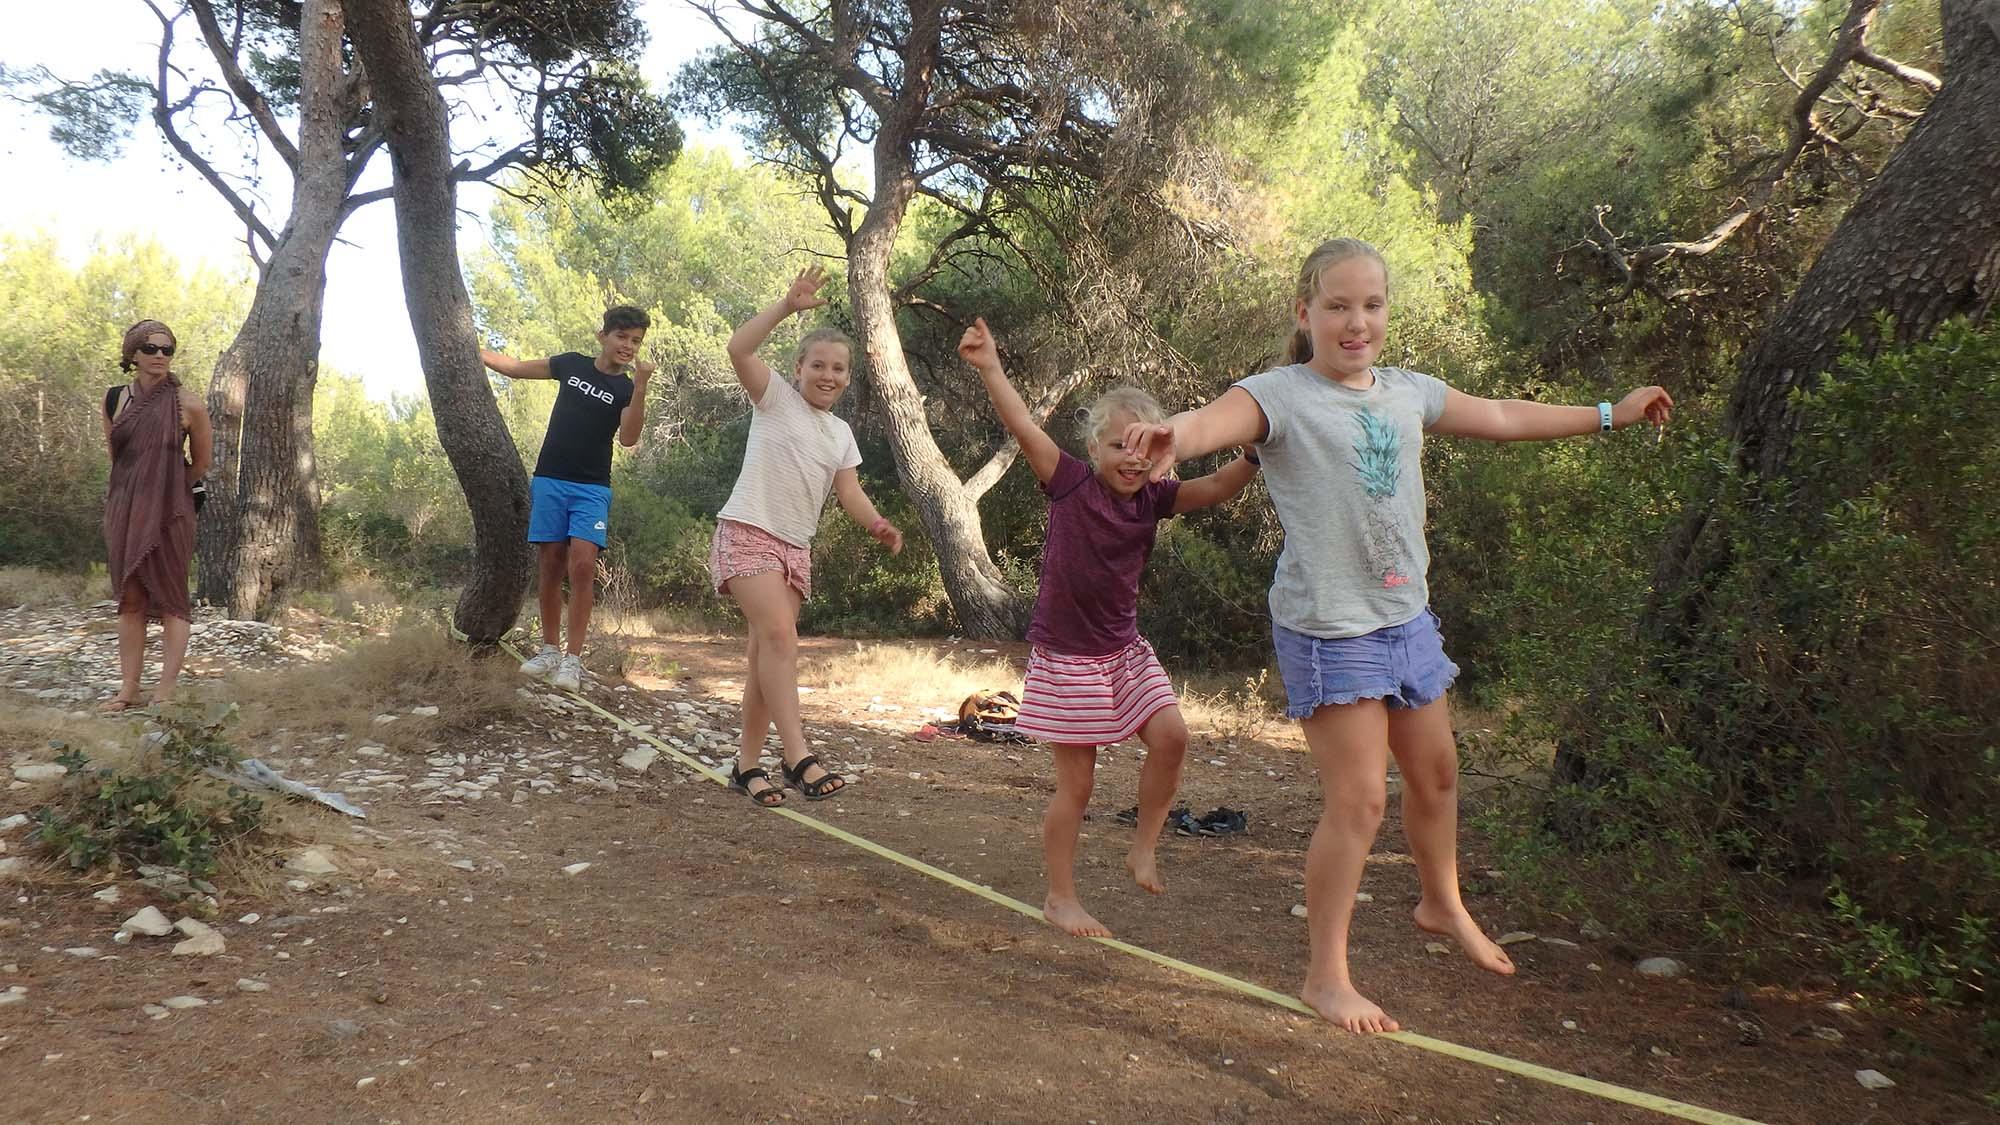 Family activity holiday